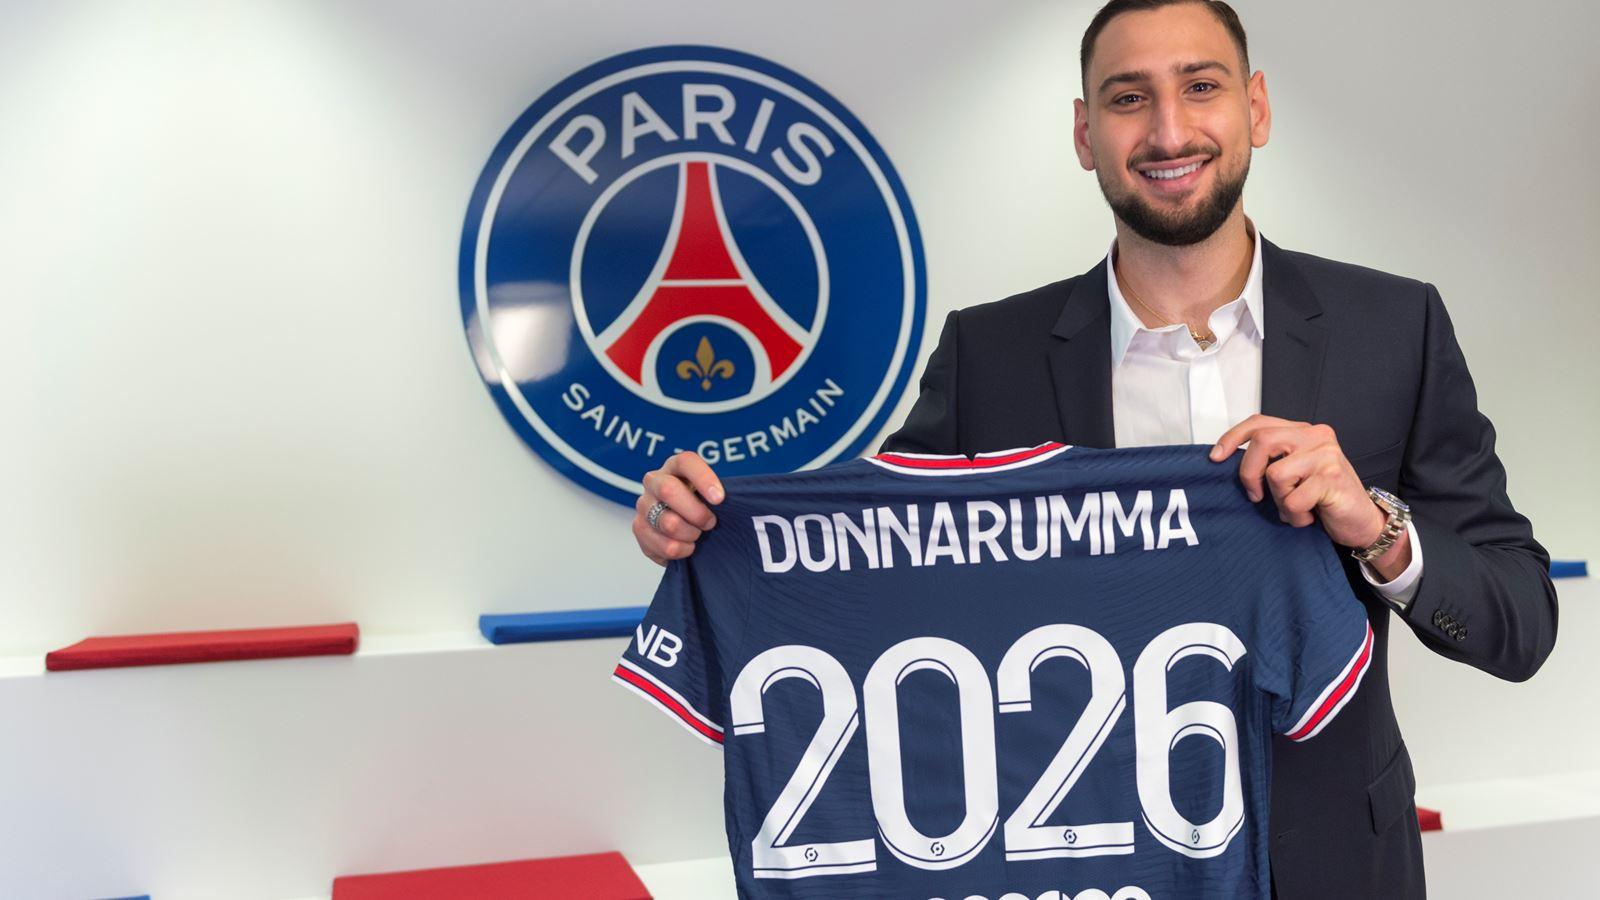 باريس سان جيرمان يضم الإيطالي دوناروما حتى 2026